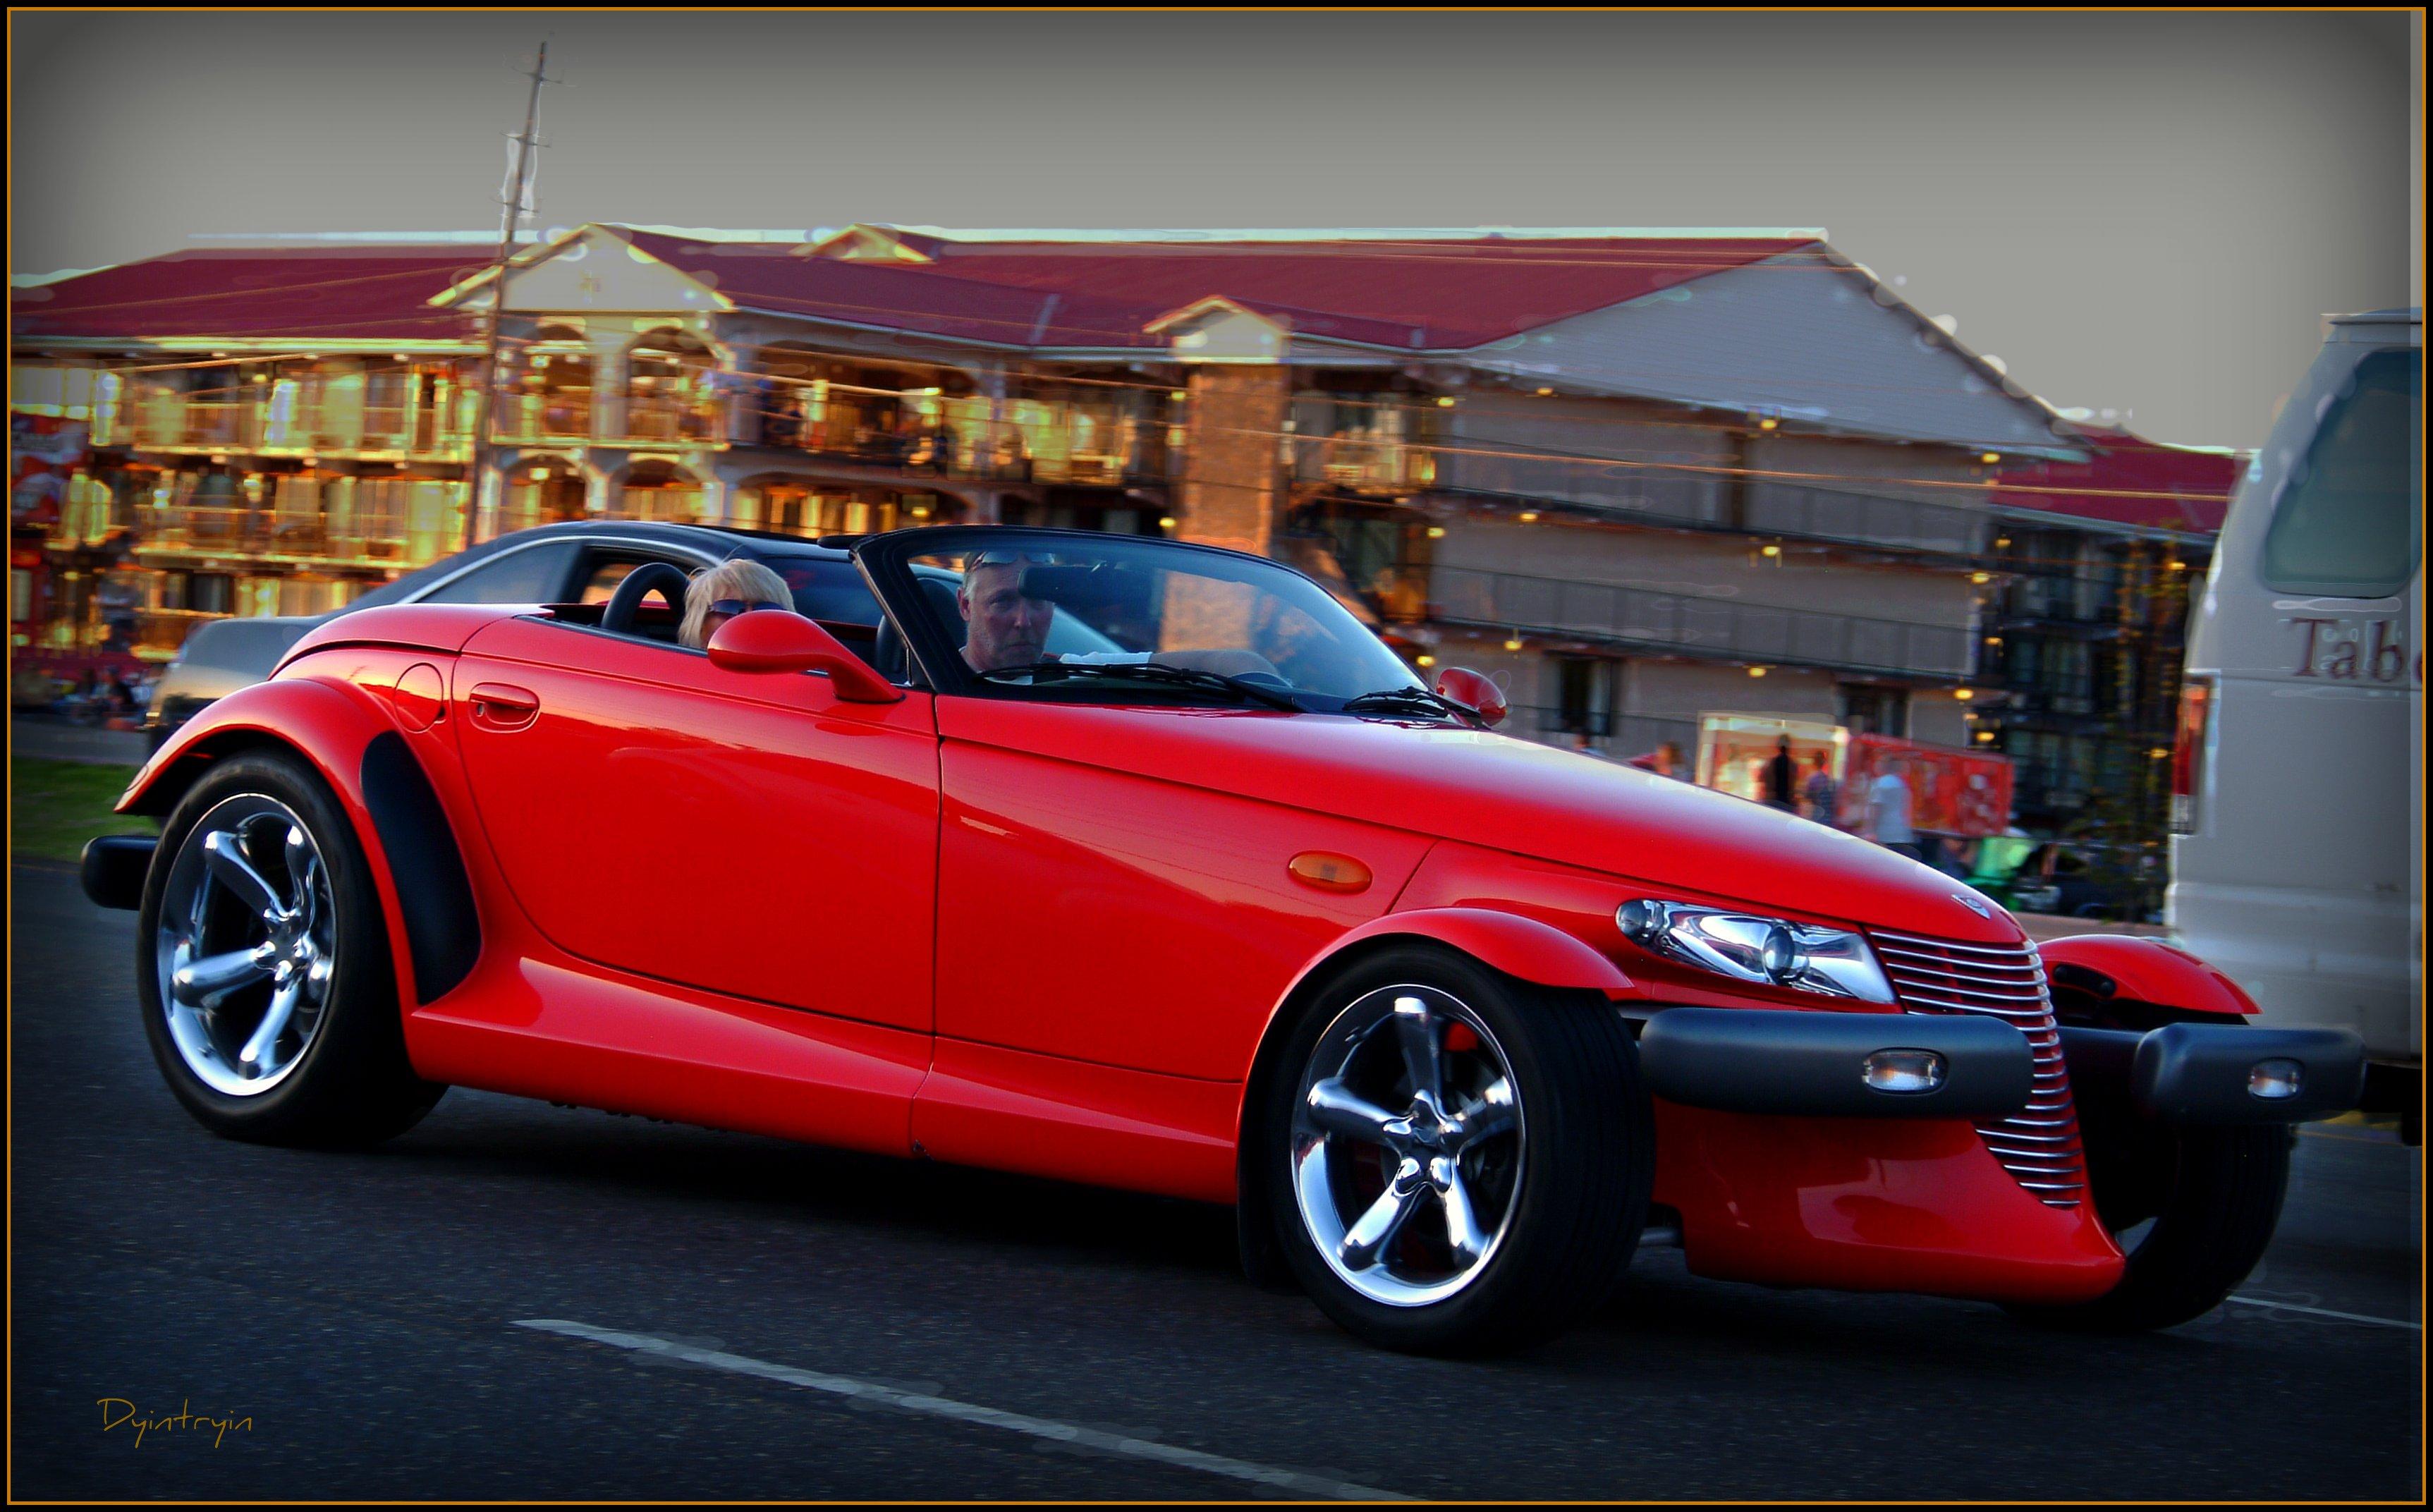 Albuquerque Used Car Dealership Larry H Miller American